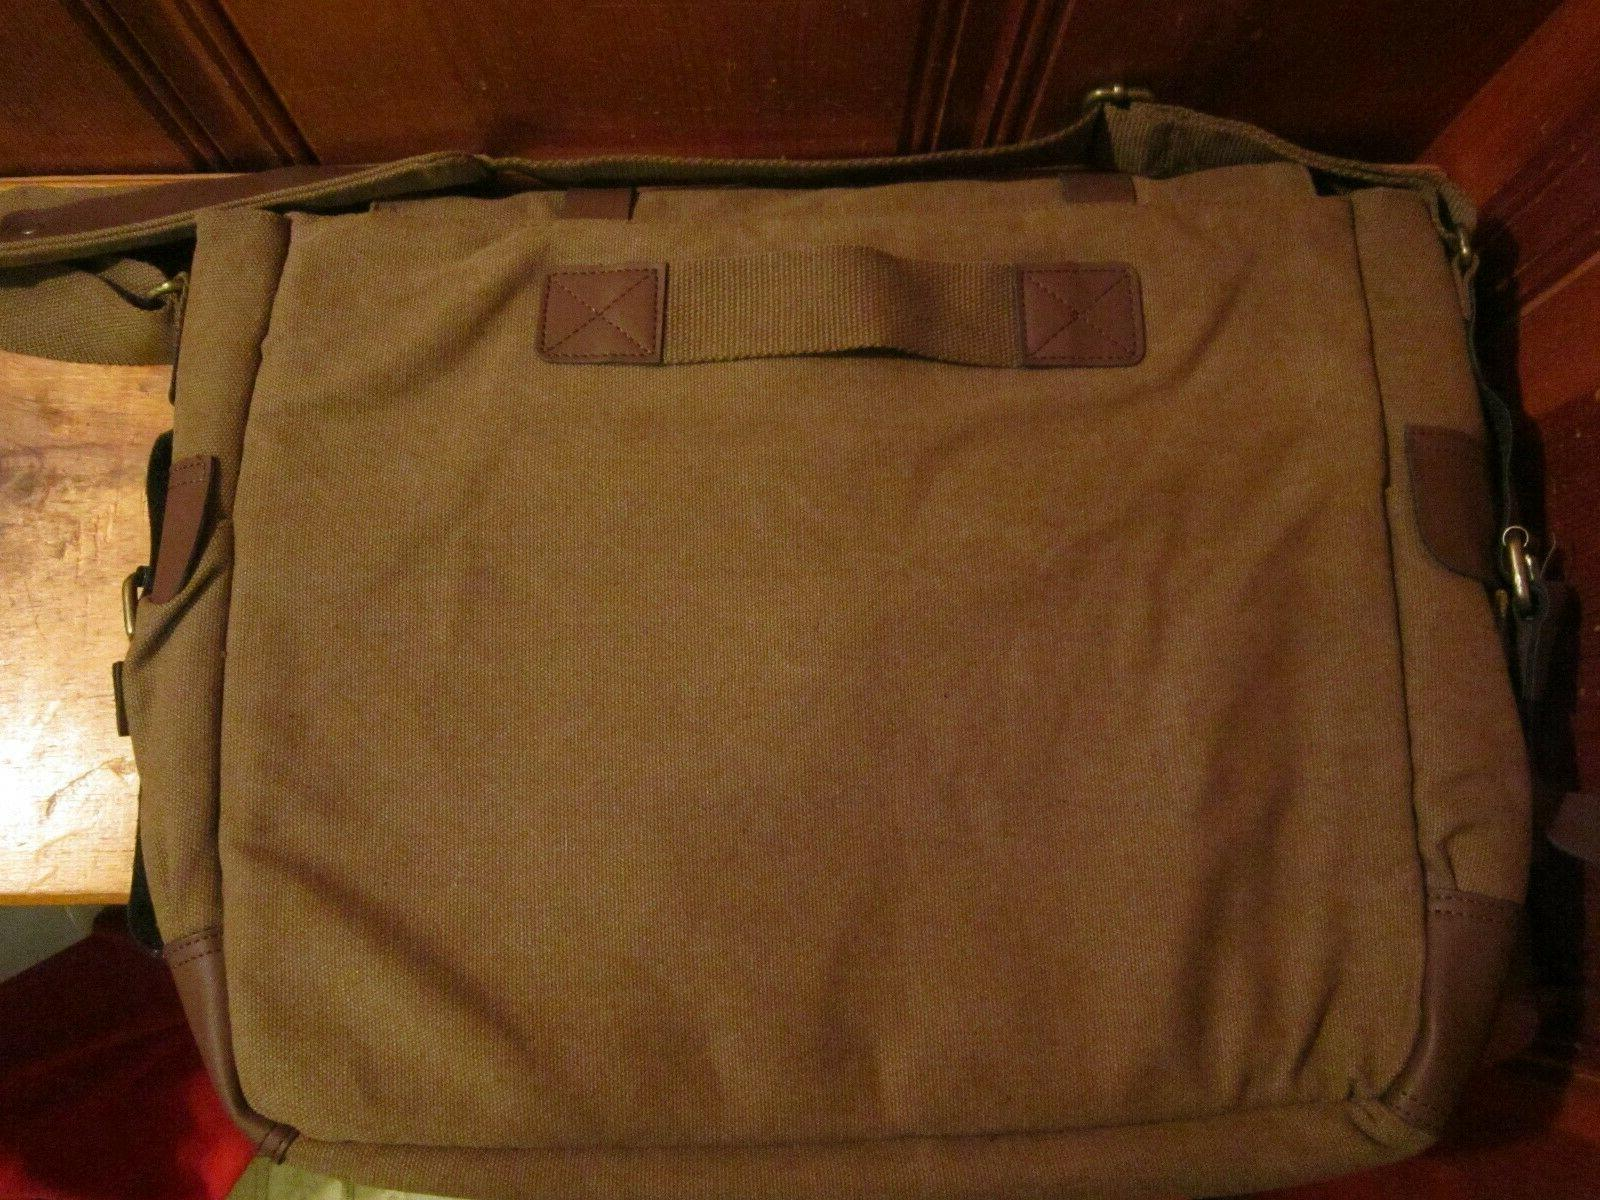 Sweetbriar Messenger Bag Shoulder Strap